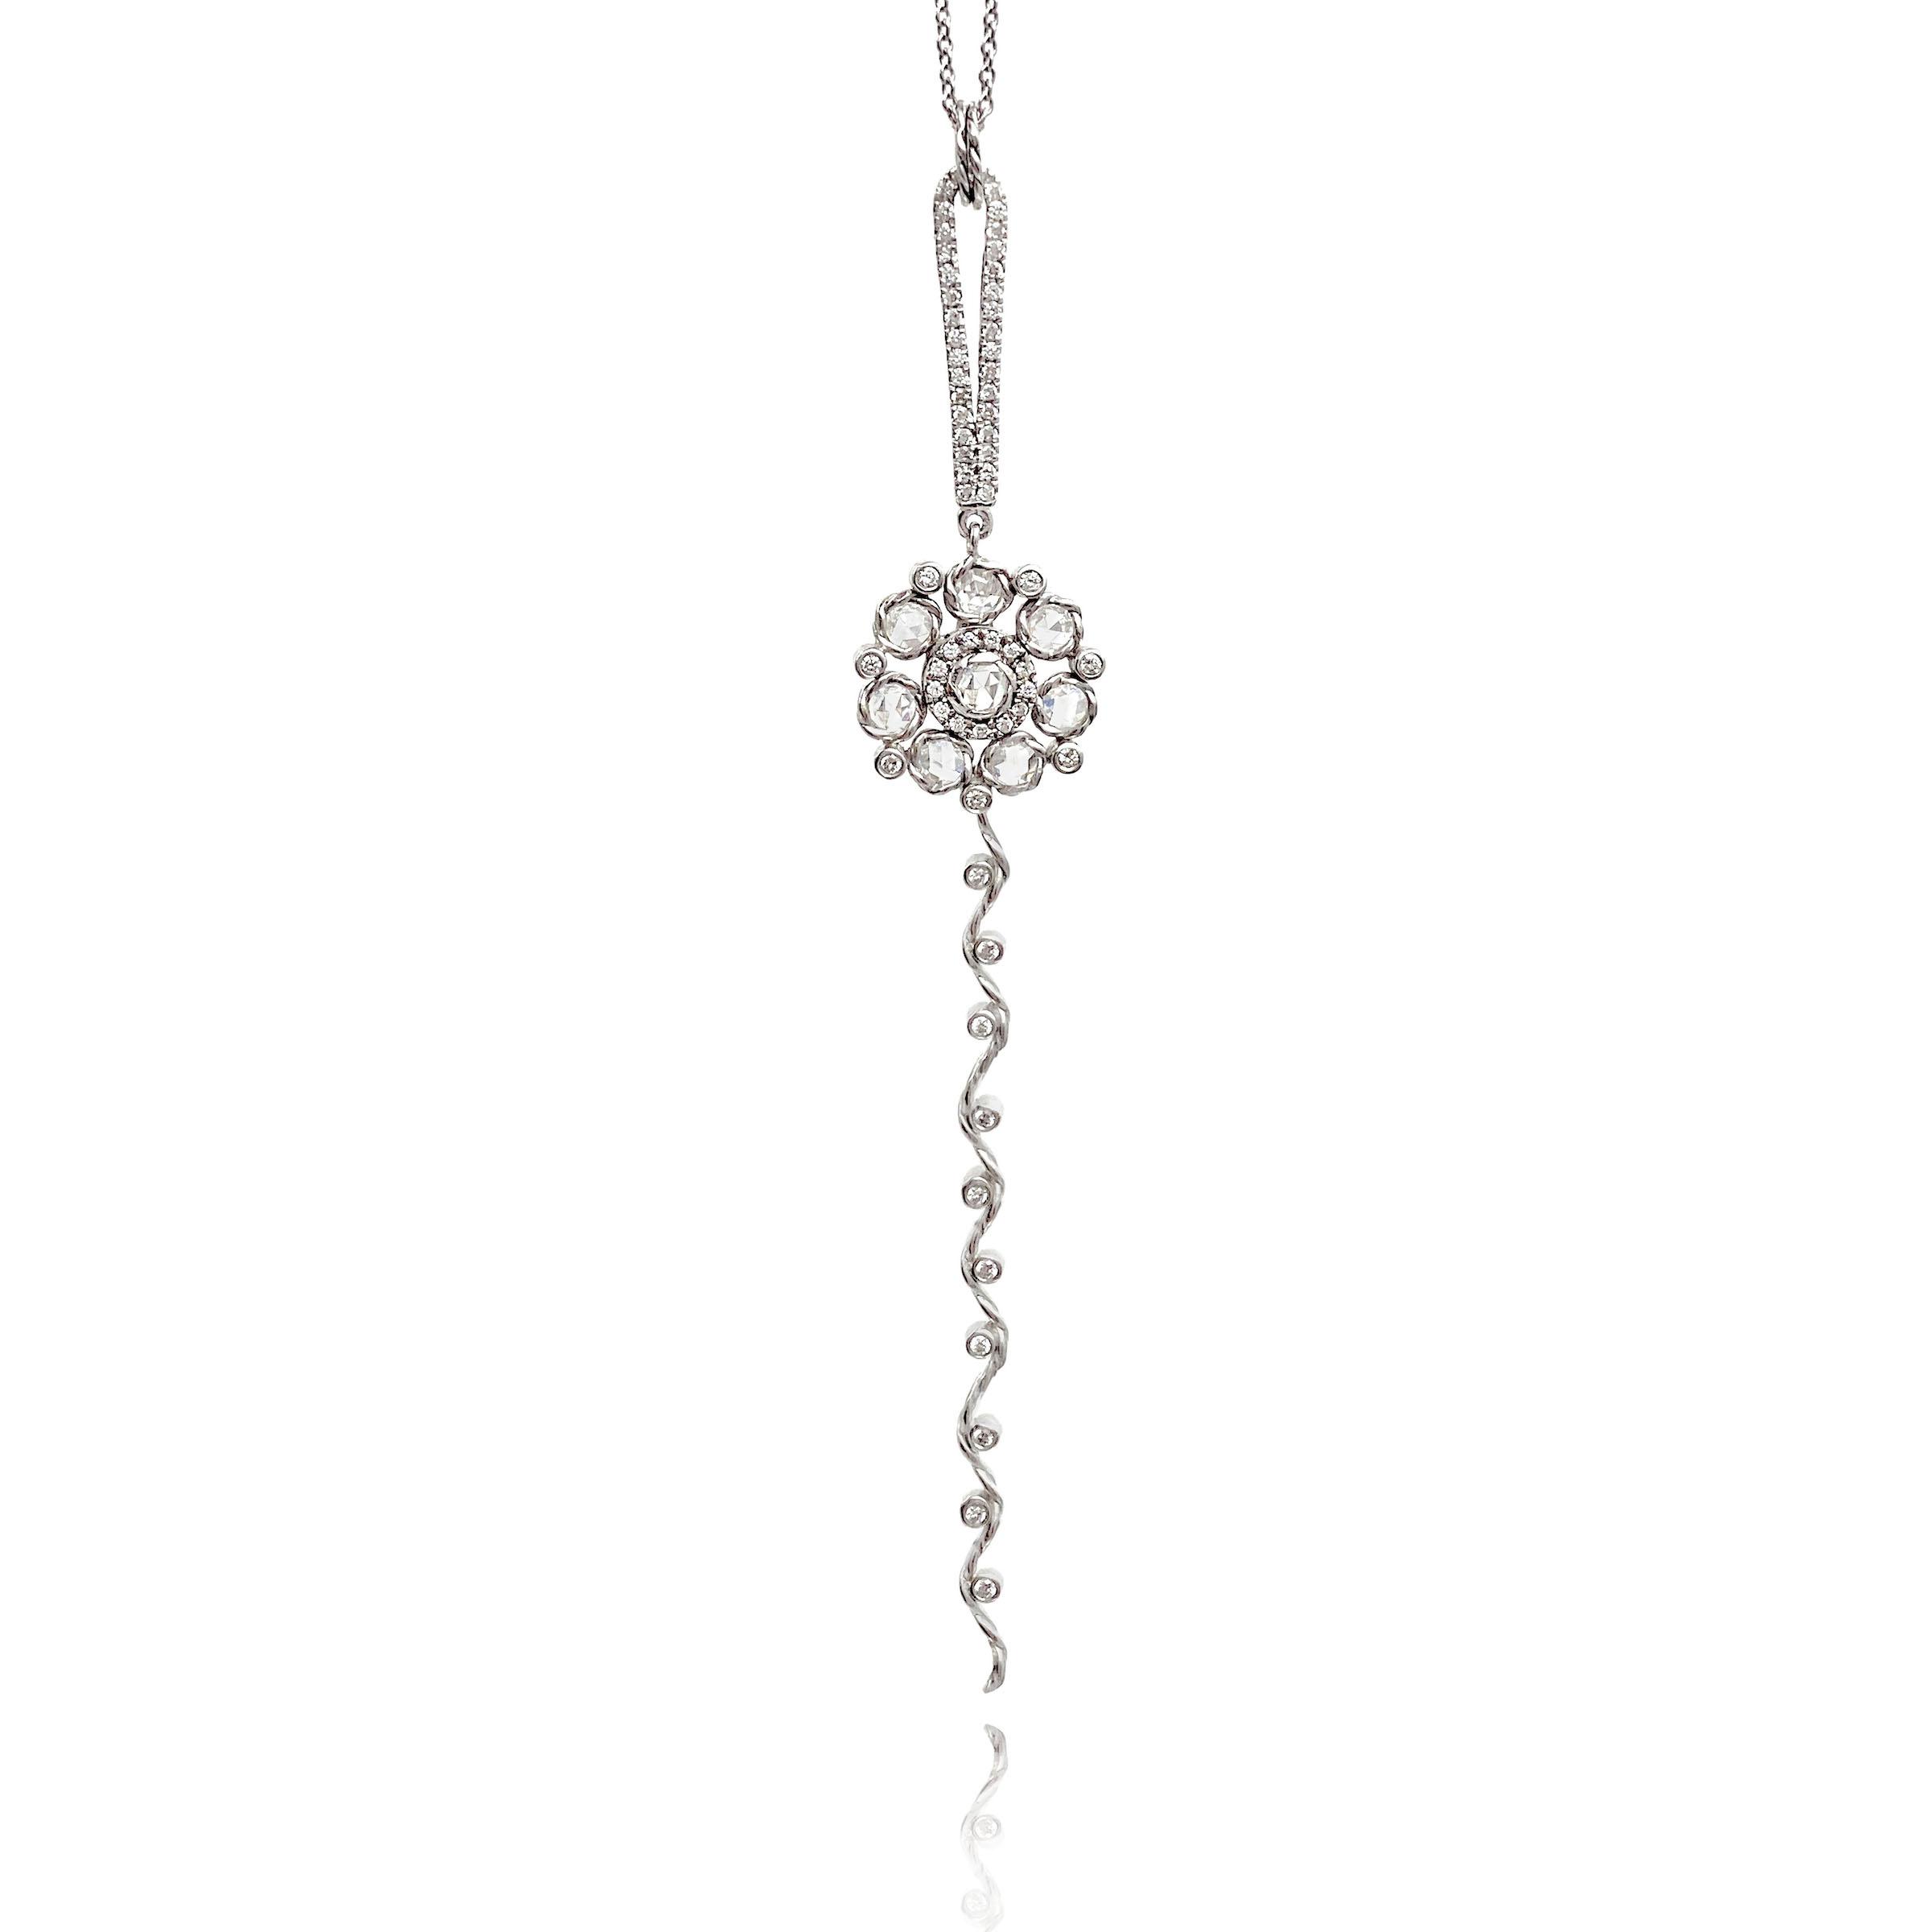 rose-cut-diamond-floral-pendant-necklace-jewelyrie_1163F